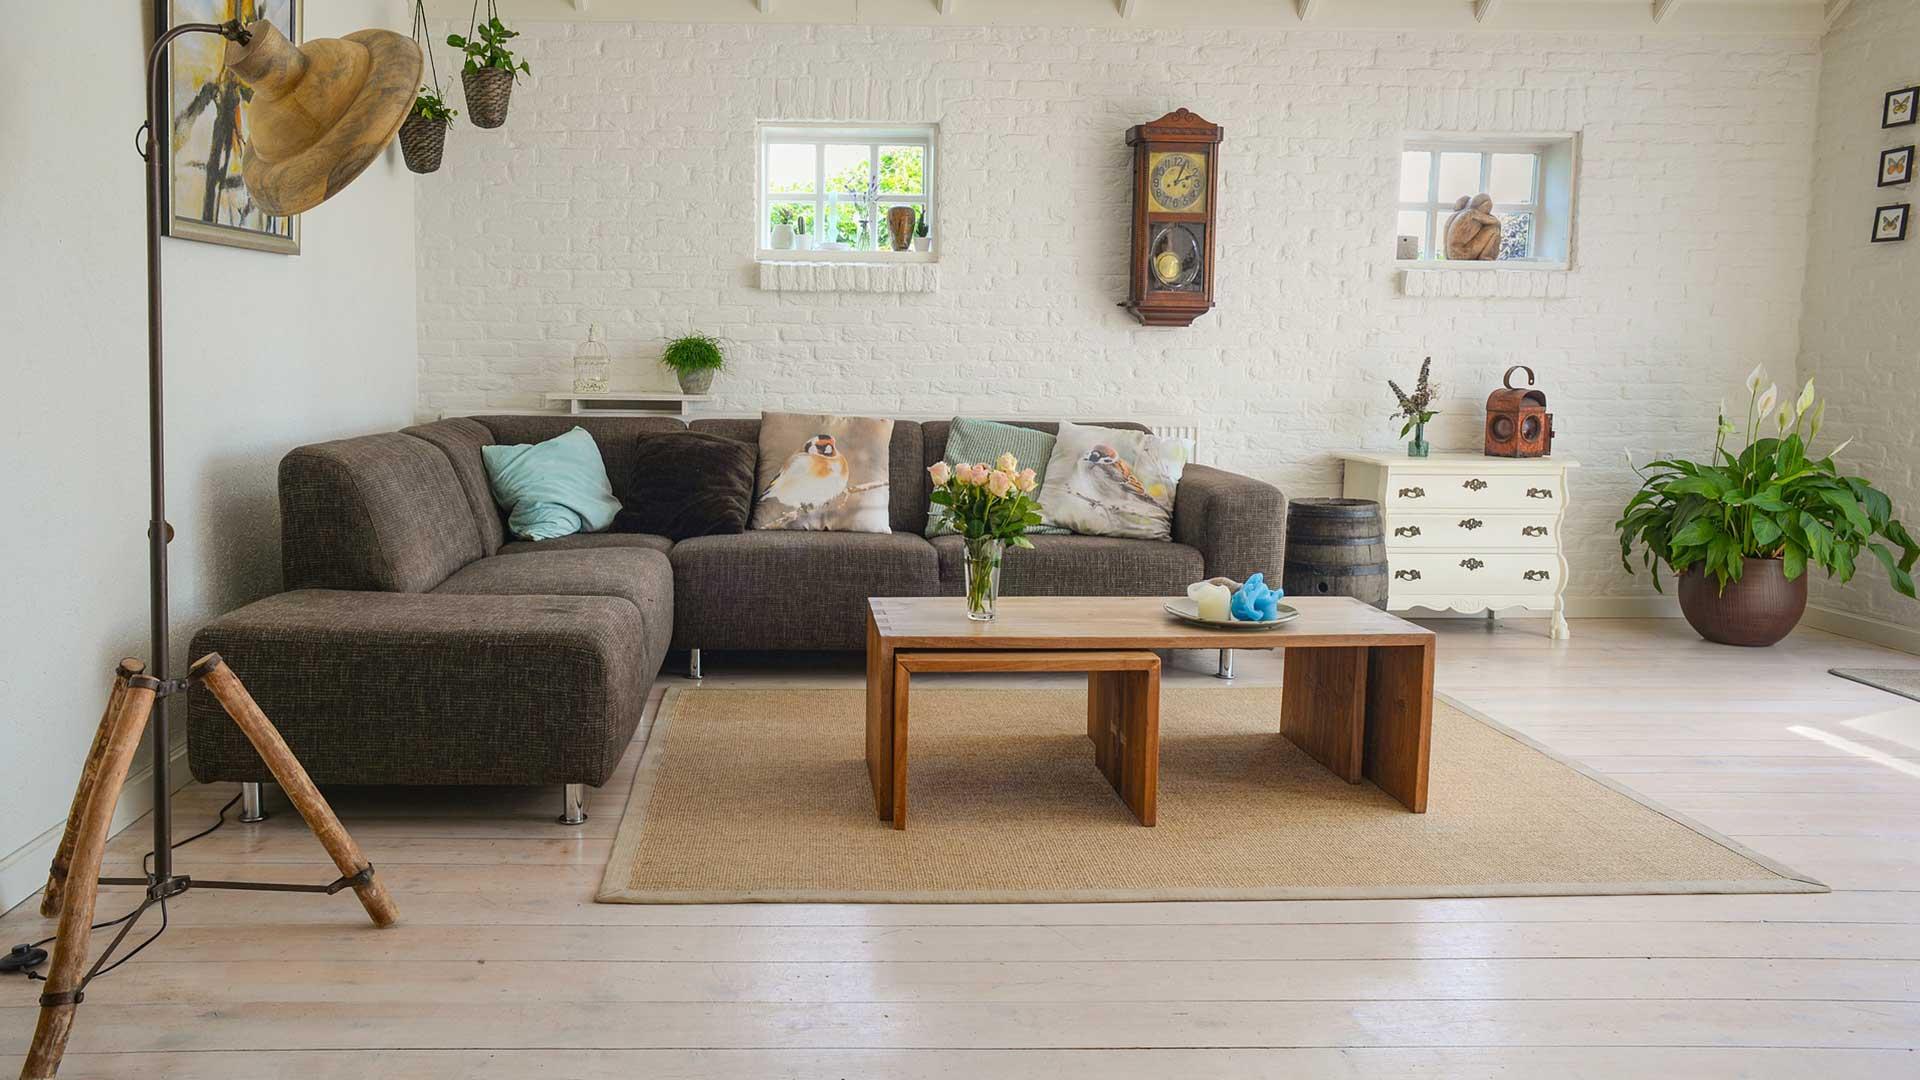 Vastu For Living Room: Tips To Make Your Living Area Vastu